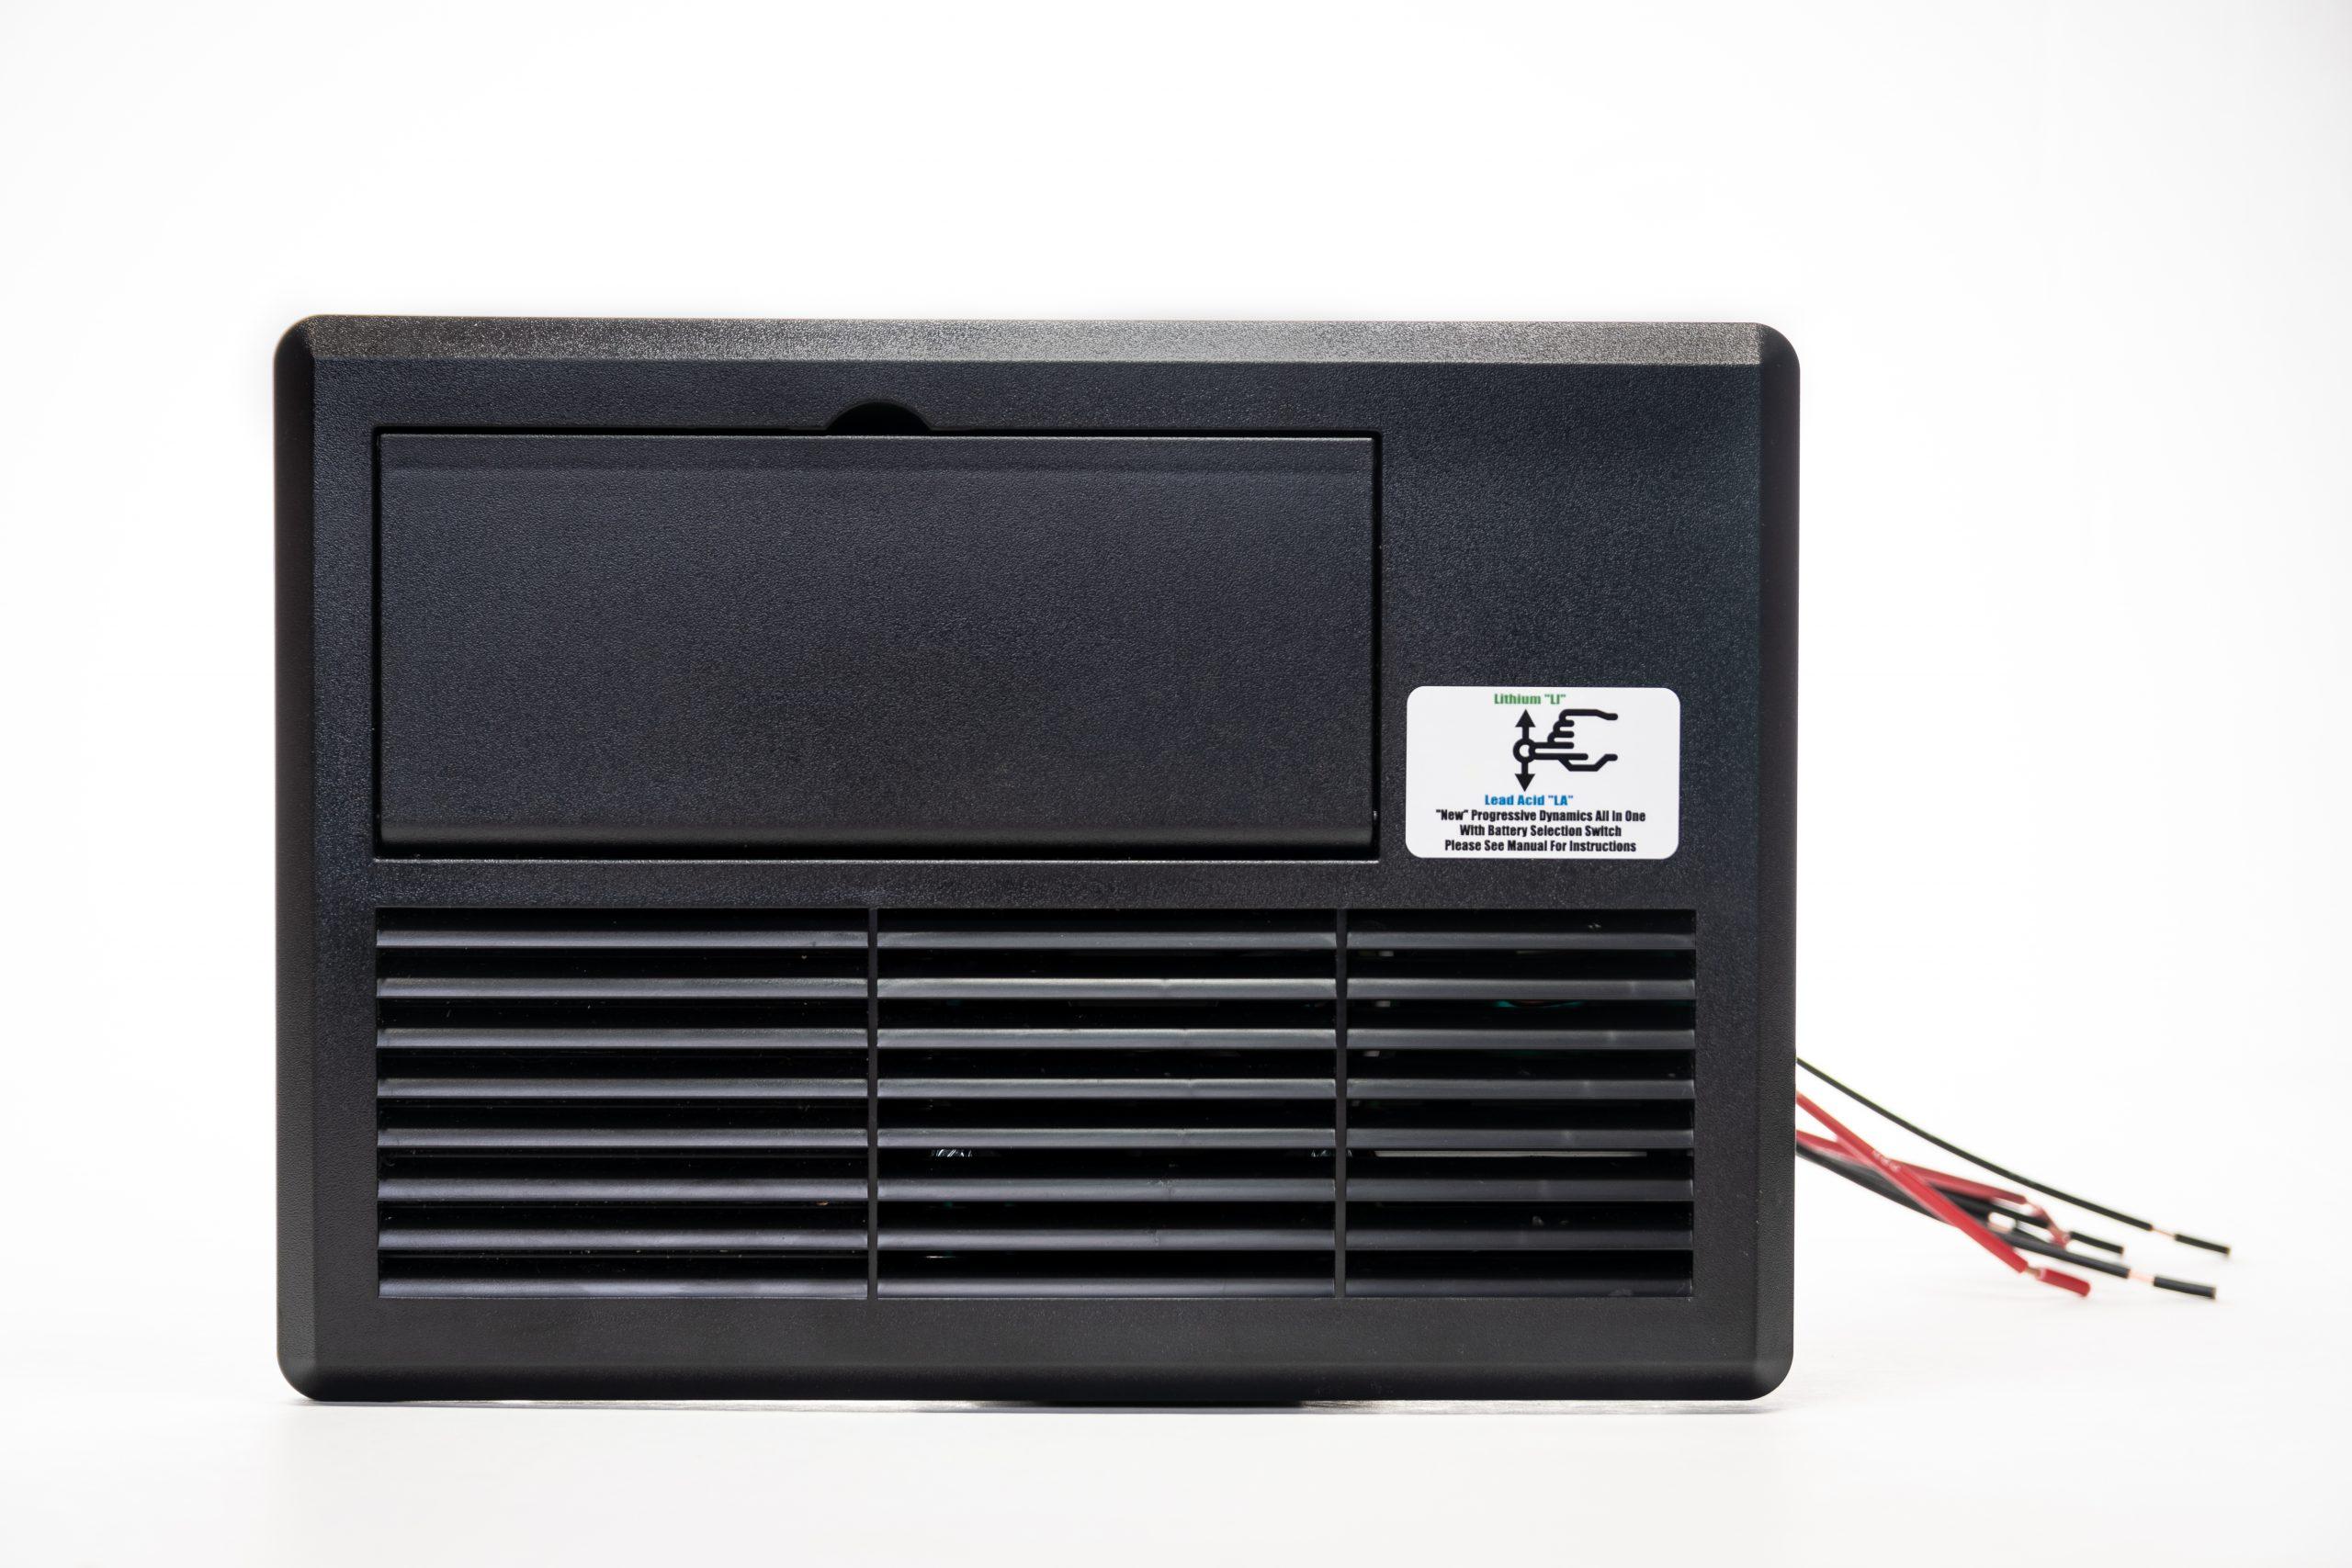 PDI - Converter - PD4135KW2B - HQ - 7251